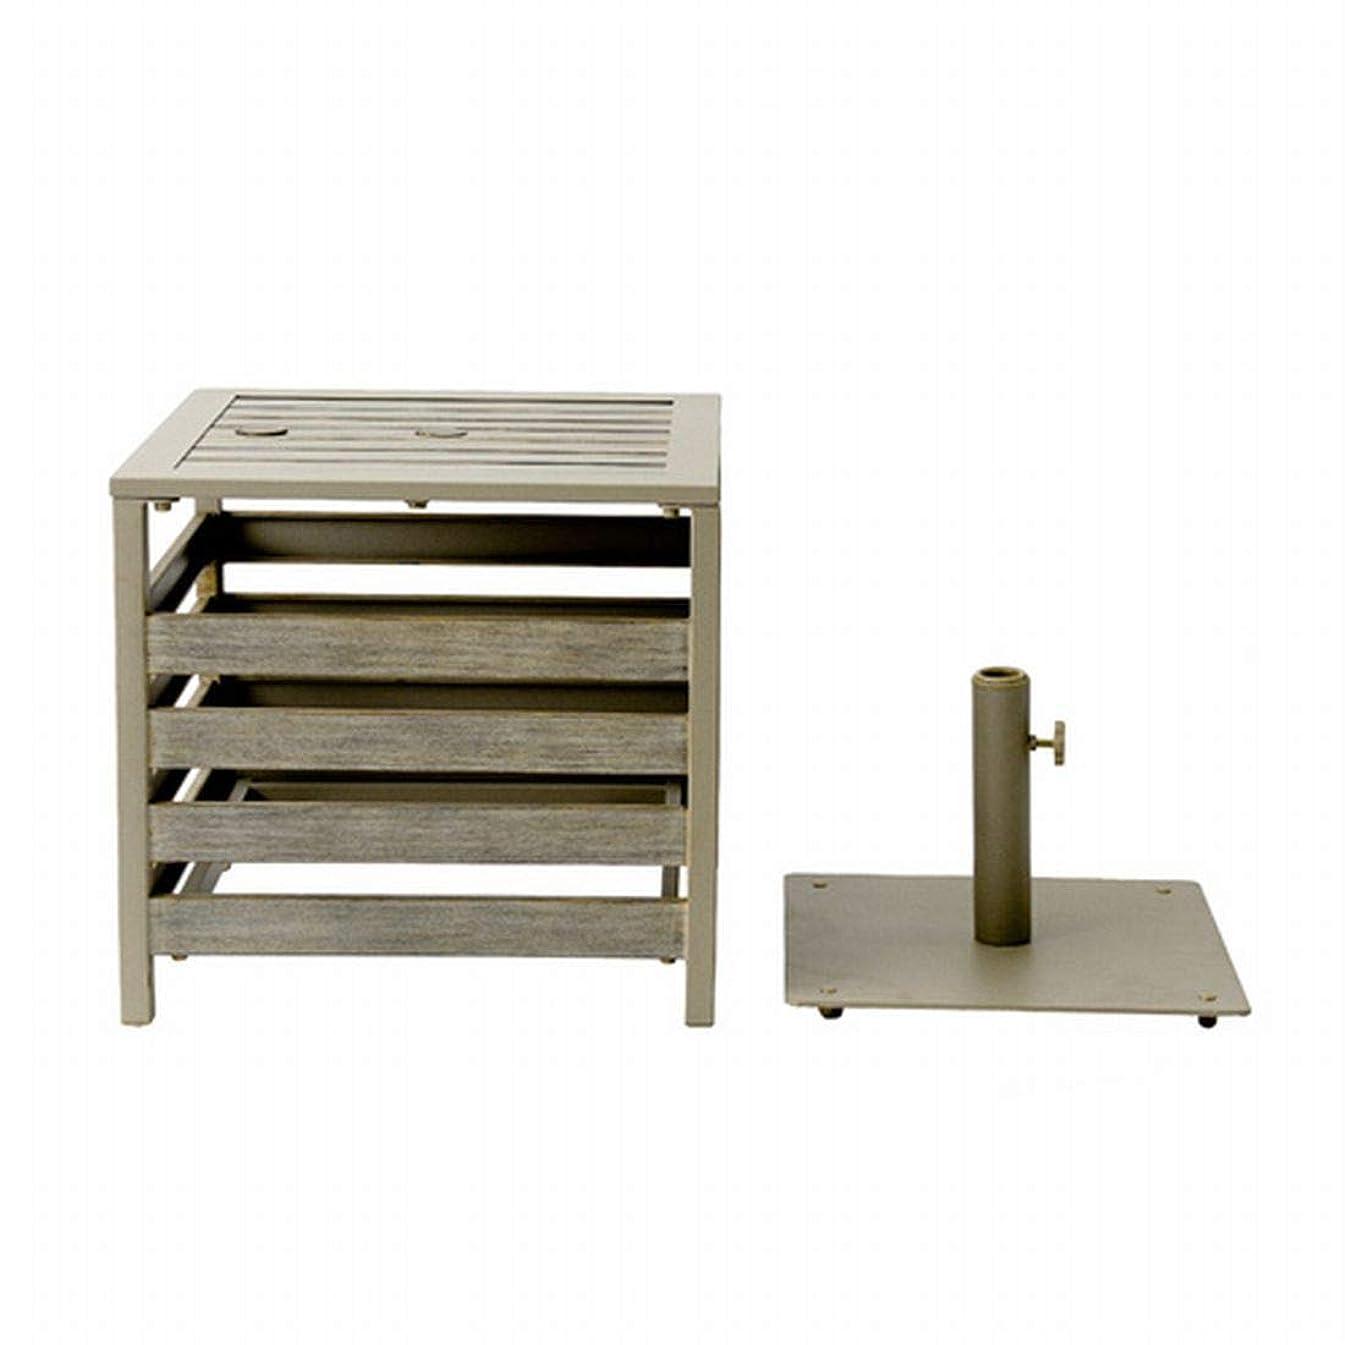 夏入場料賢いPATIO PETITE (パティオプティ) ガーデンテーブル プルマン パラソルベース付き 635-061 [PULLMAN]